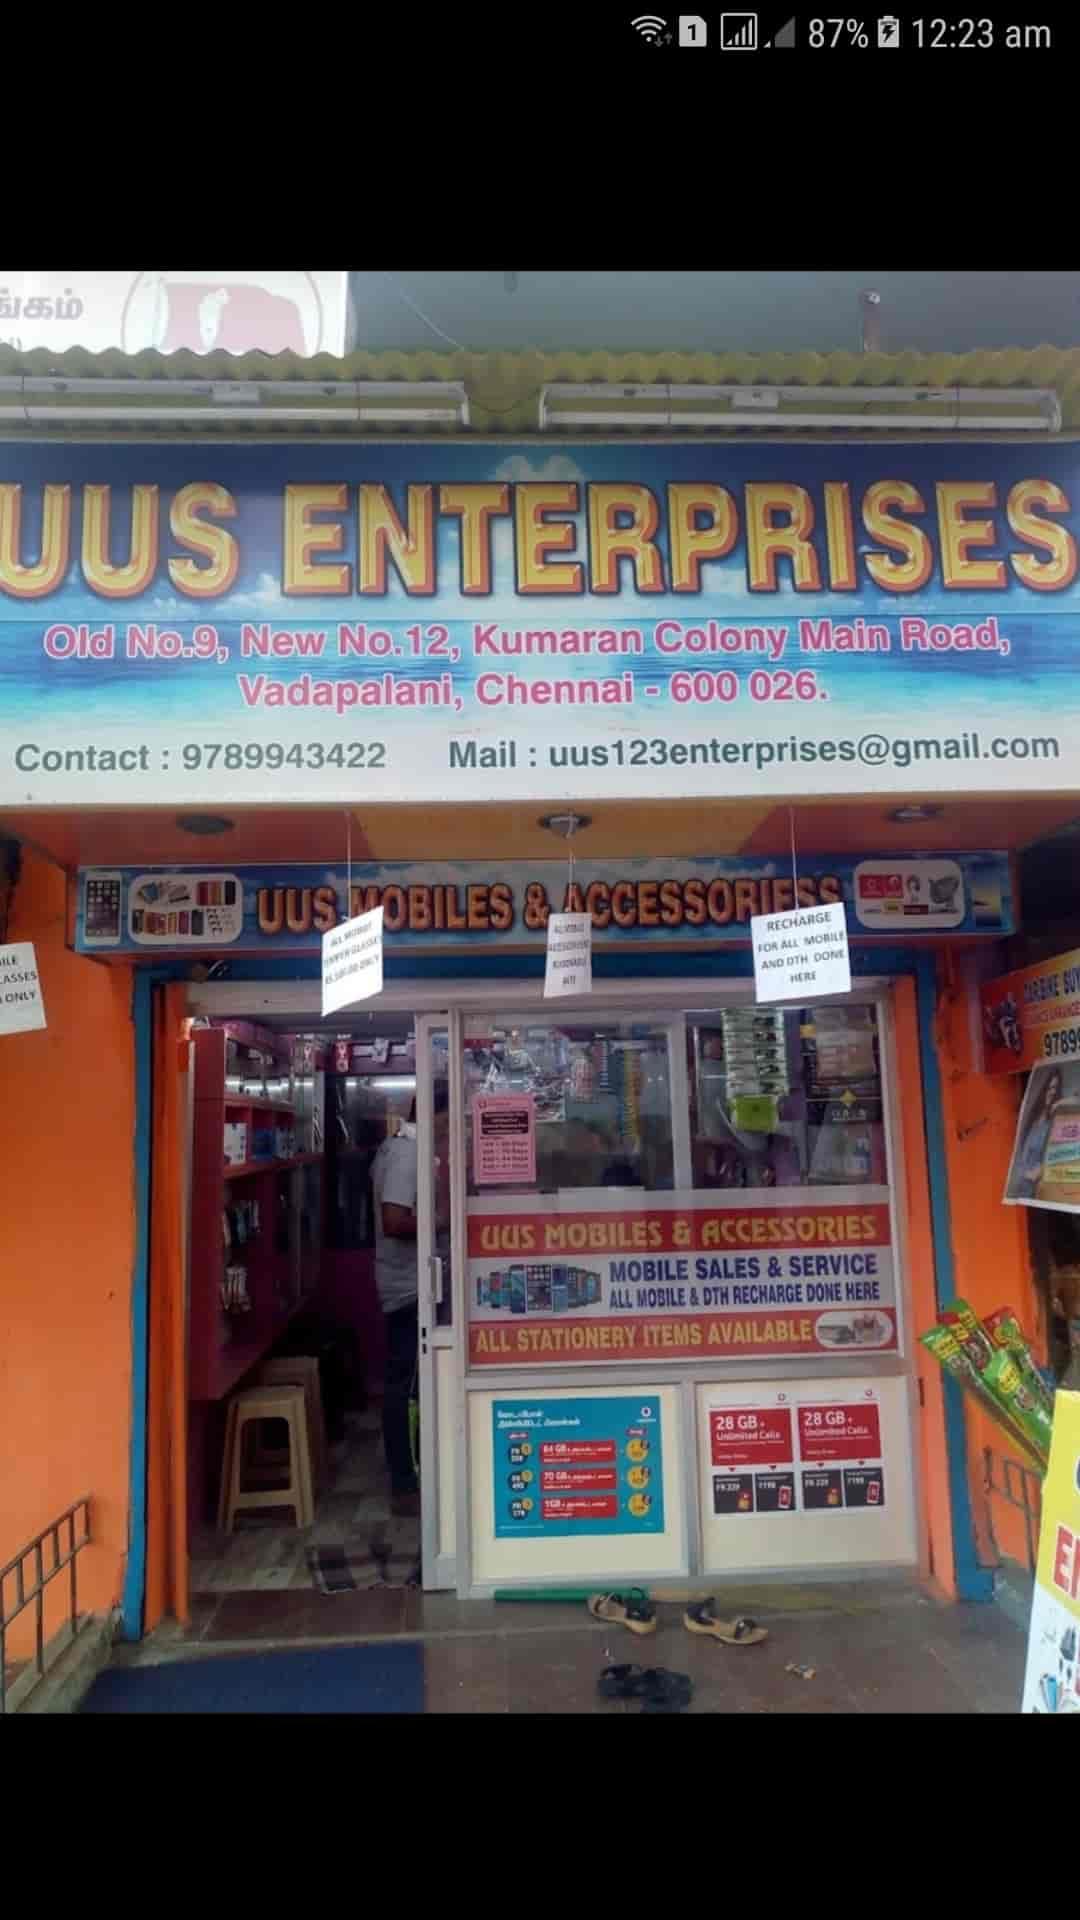 Uus Enterprises, Vadapalani - Mobile Phone Repair & Services in